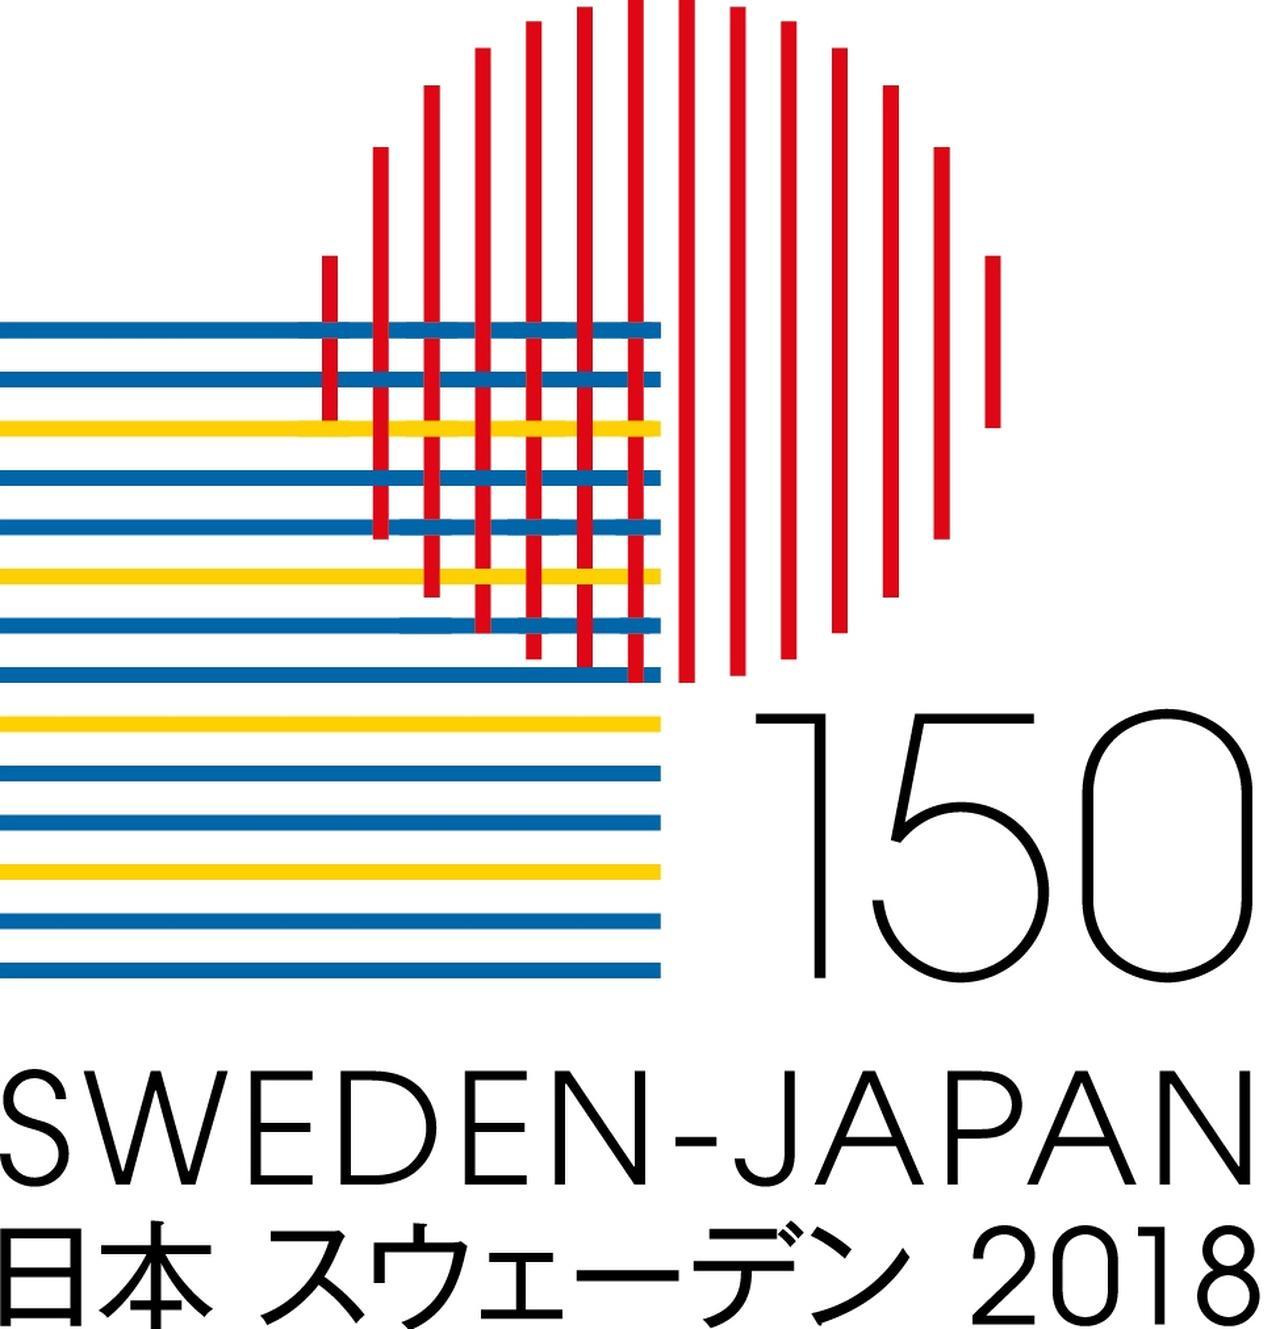 画像: 日本・スウェーデン外交関係樹立150周年 スウェーデン映画への招待 | 国立映画アーカイブ